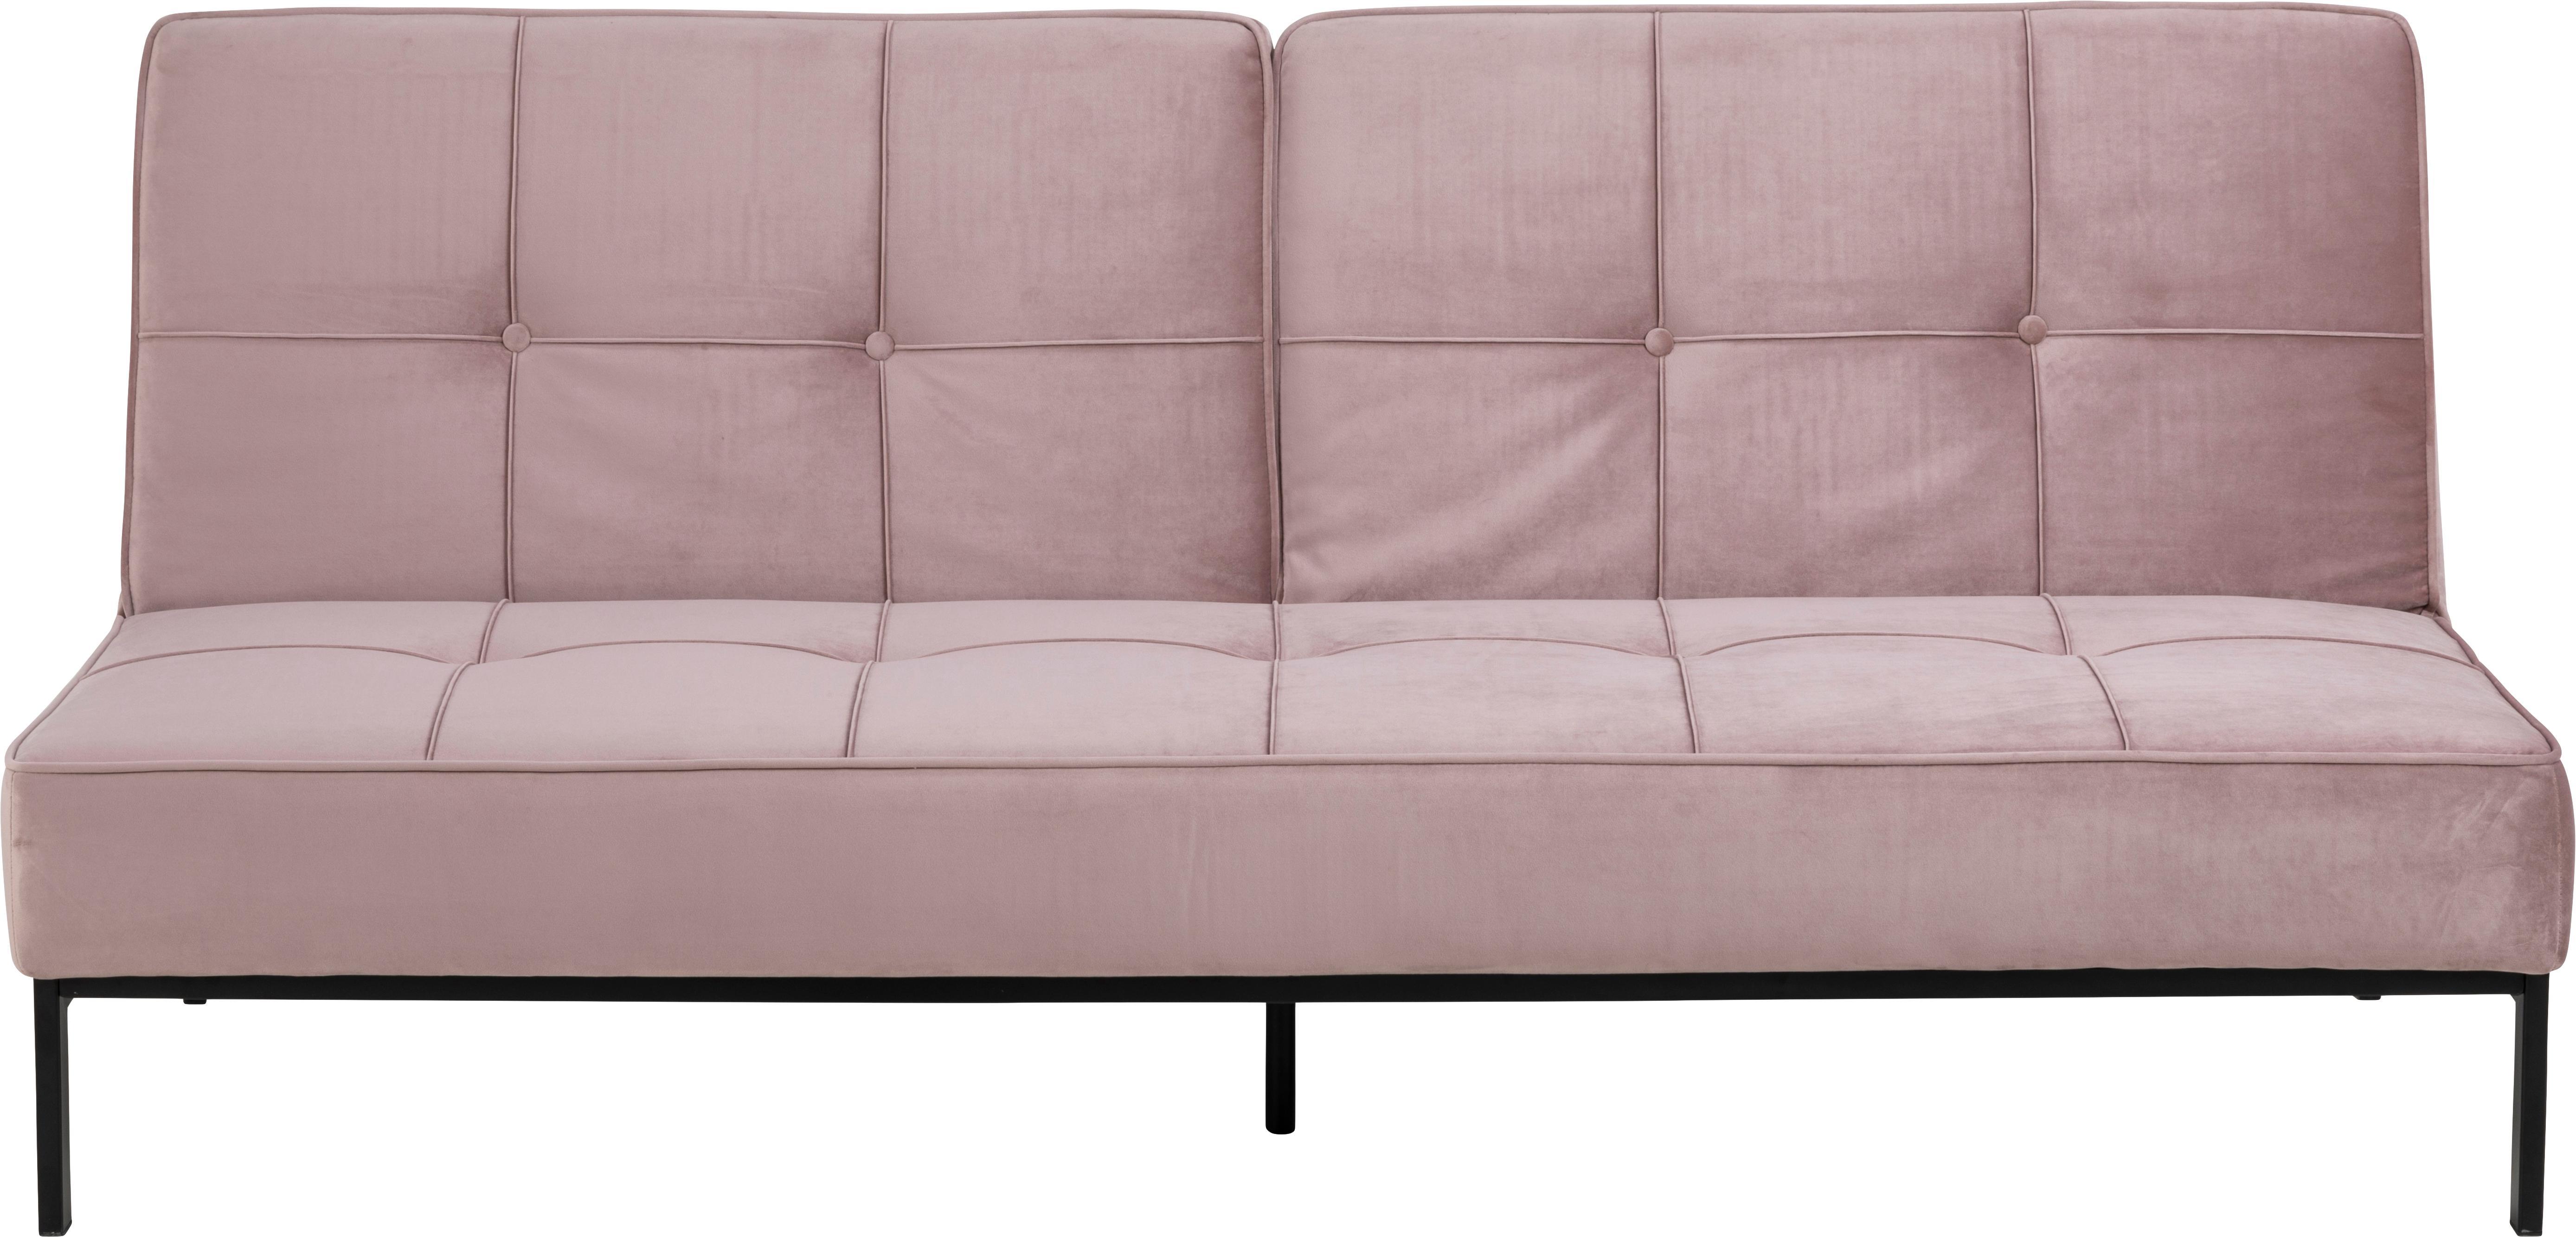 Samt-Schlafsofa Perugia in Rosa, Bezug: Polyester Der hochwertige, Füße: Metall, lackiert, Samt Rosa, B 198 x T 95 cm